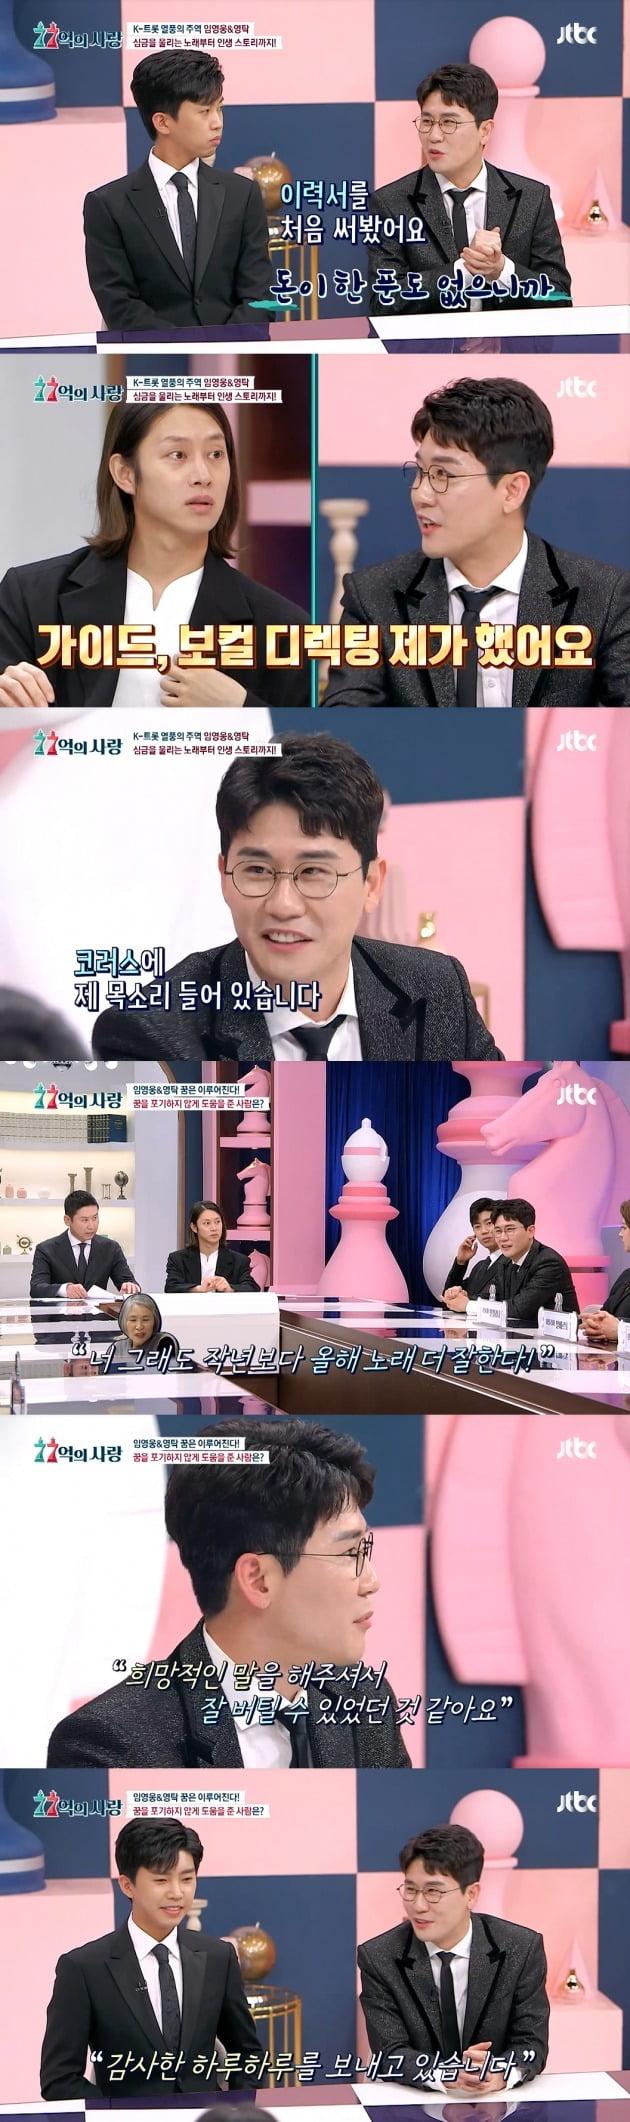 임영웅, 영탁이 JTBC '77억의 사랑'에 출연했다. / 사진=방송 캡처